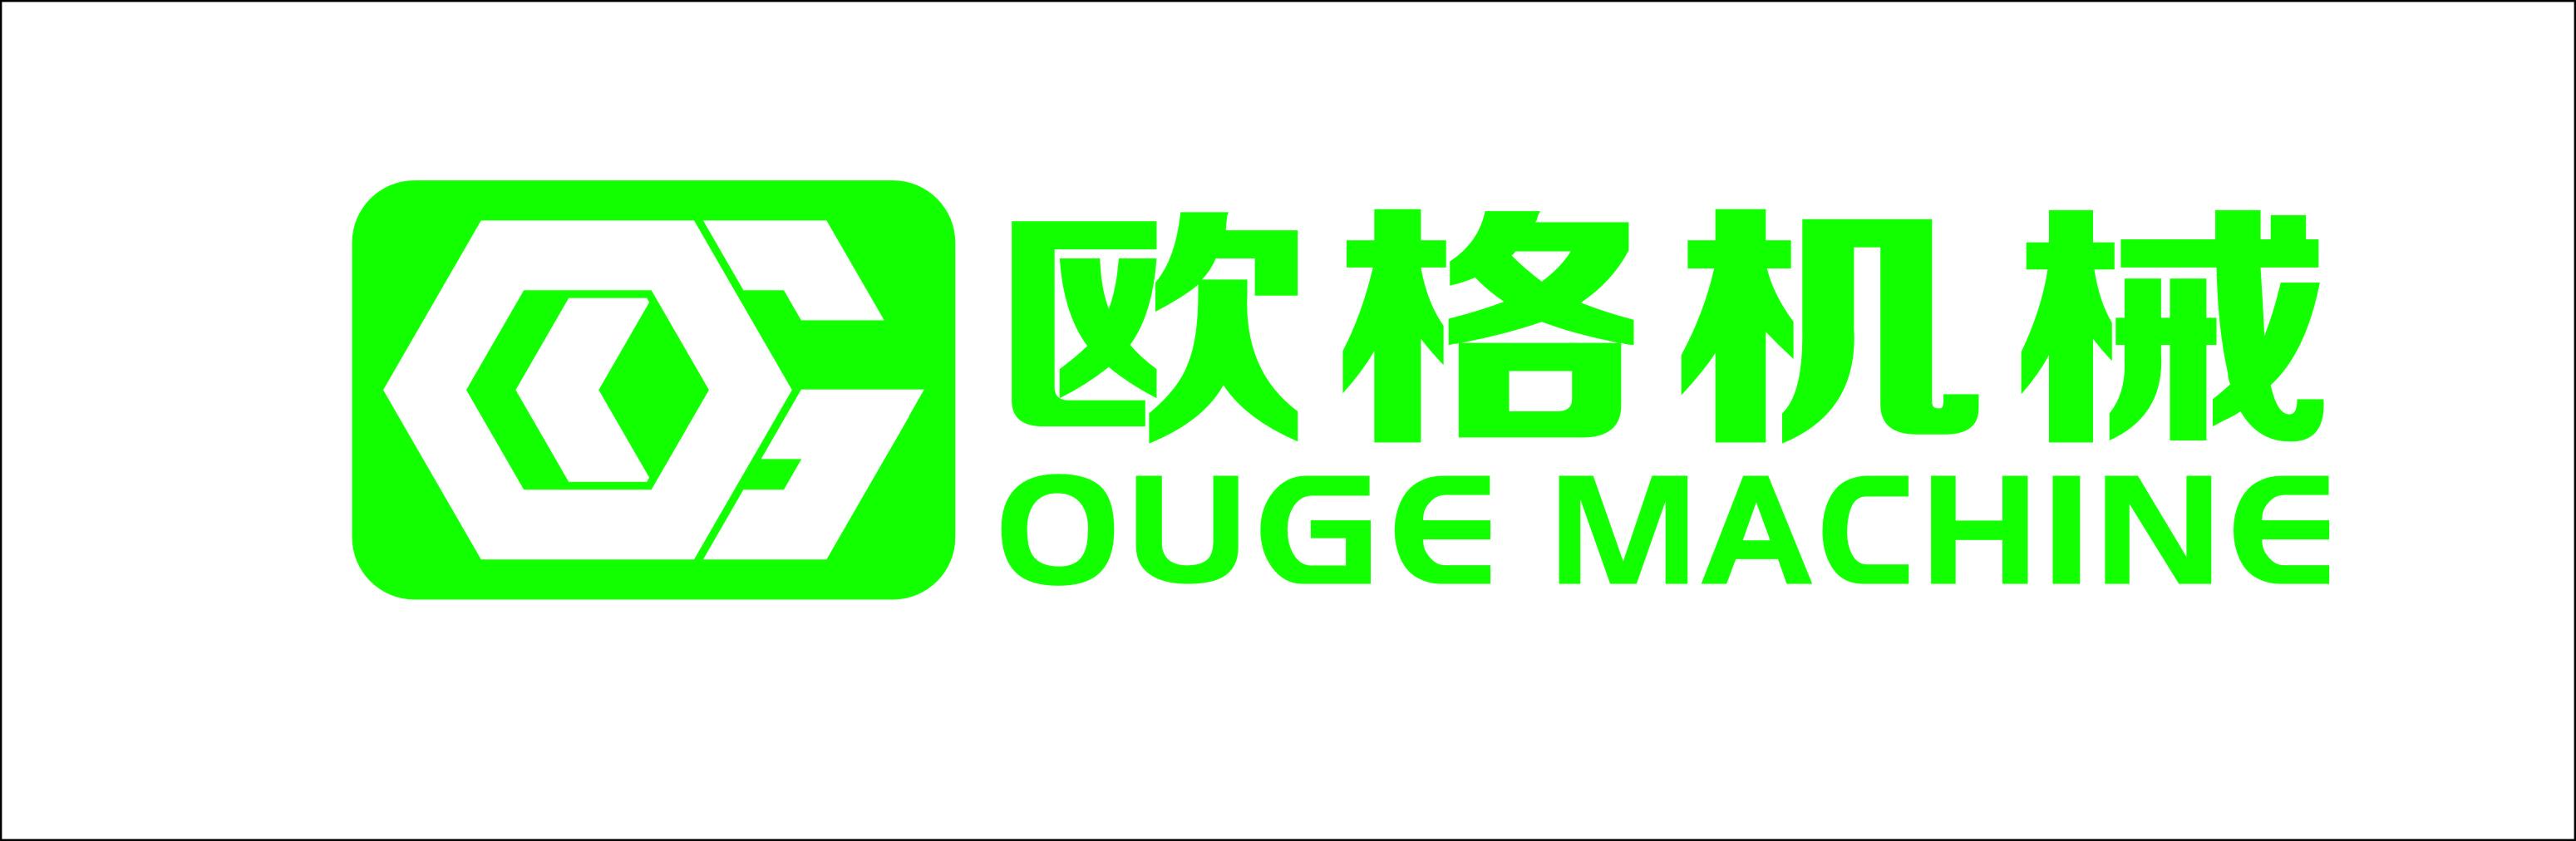 台州市黄岩欧格机械模具有限公司